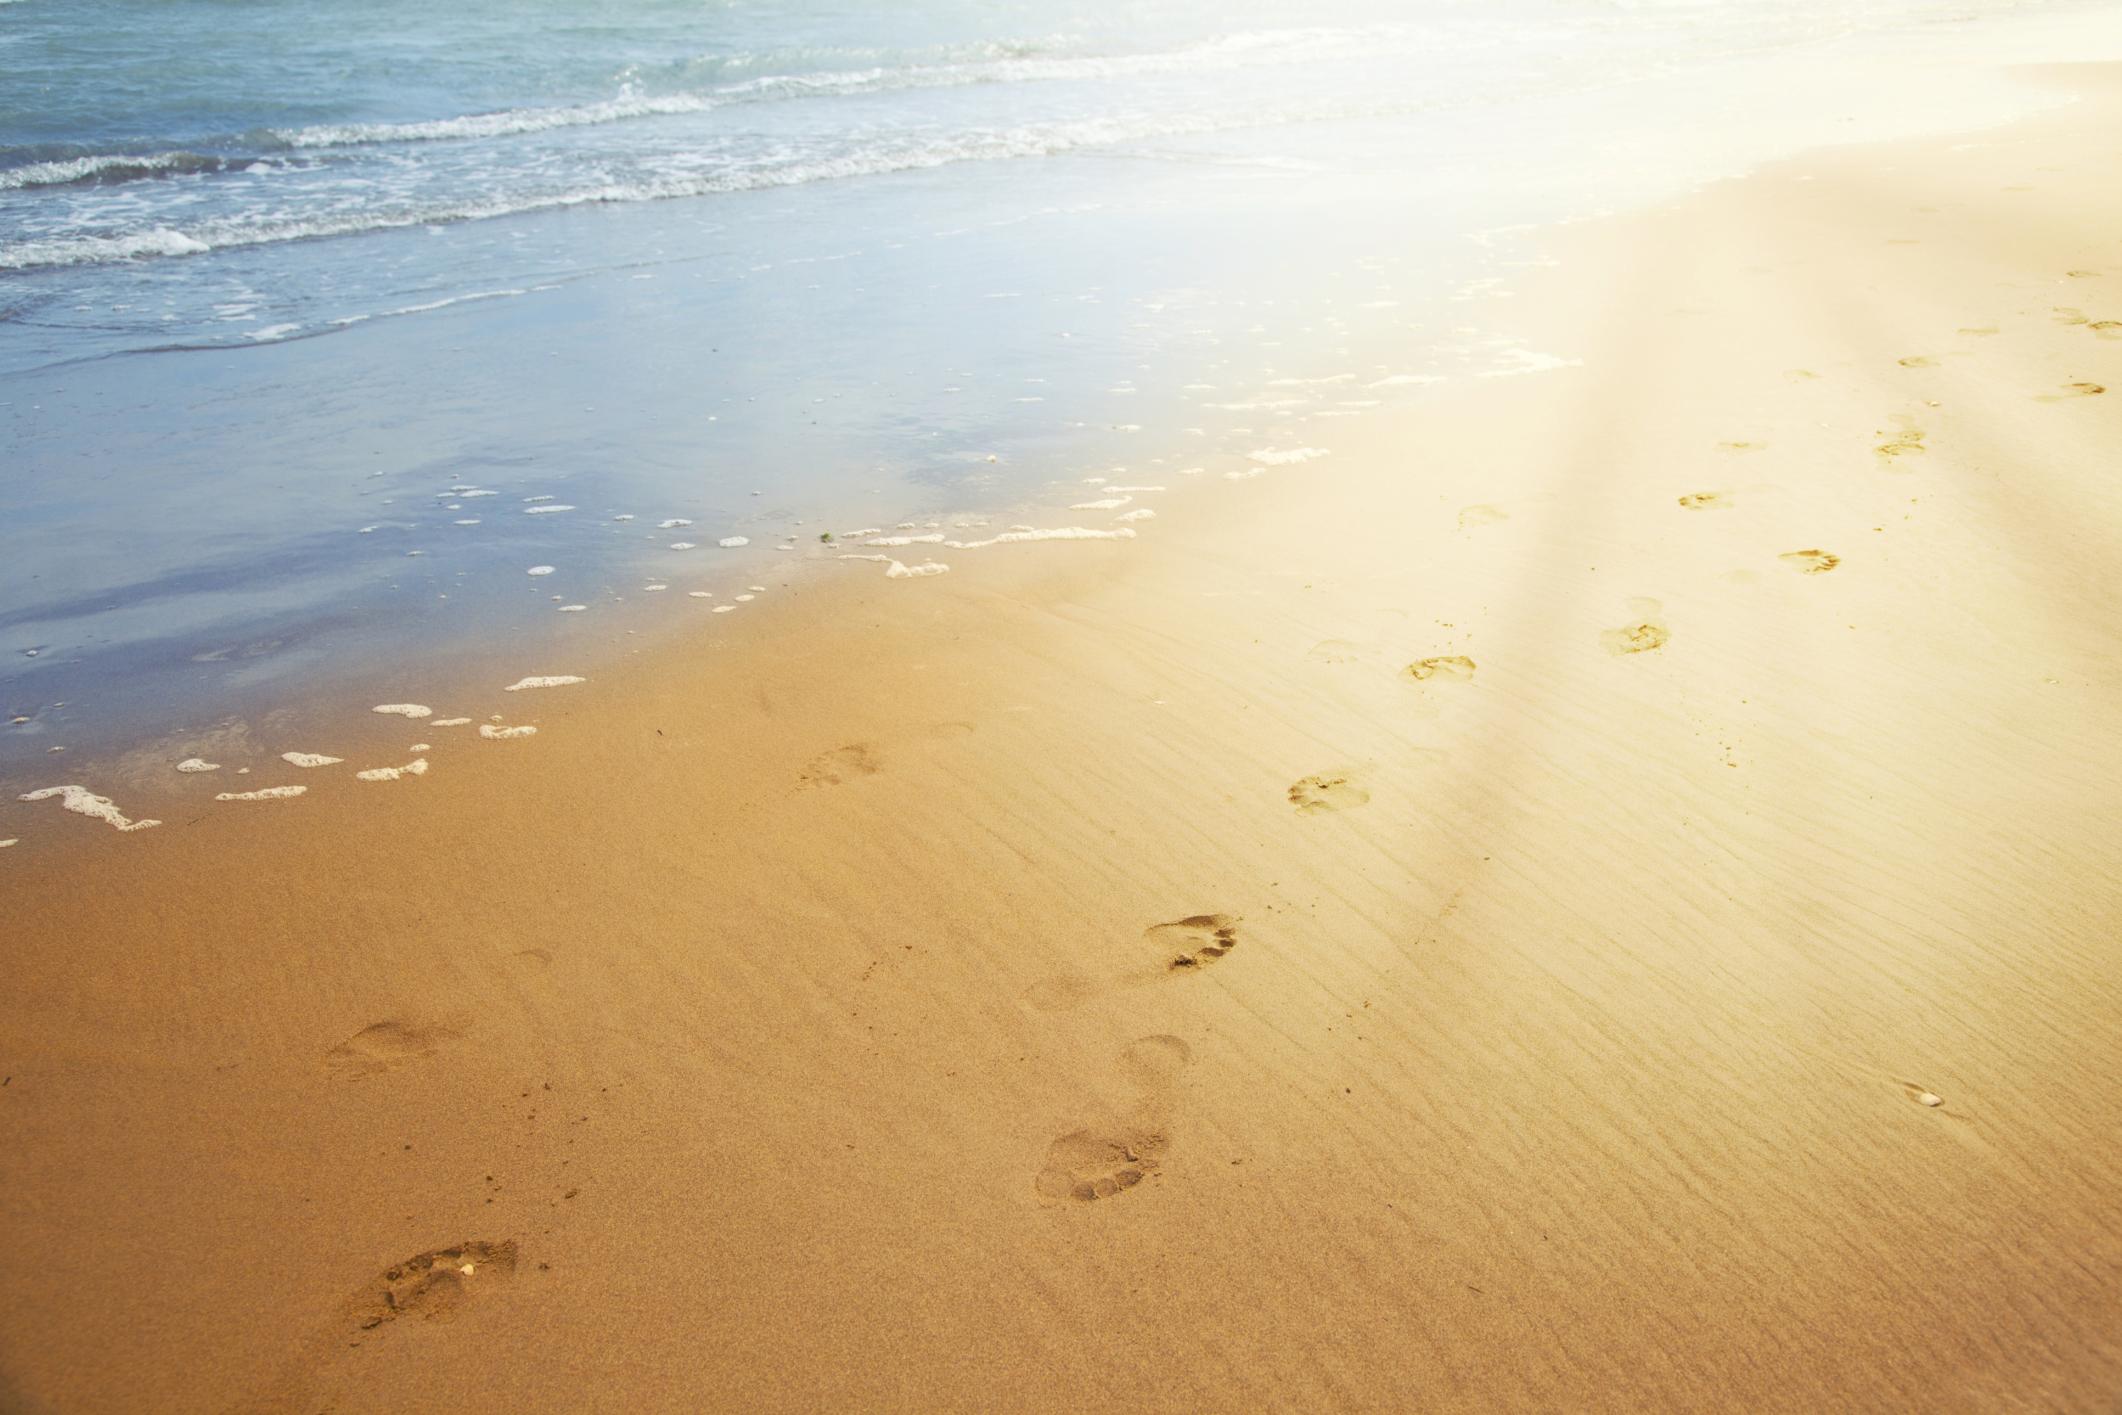 Le orme sulla sabbia pensieri e parole famose for Setacciavano la sabbia dei fiumi